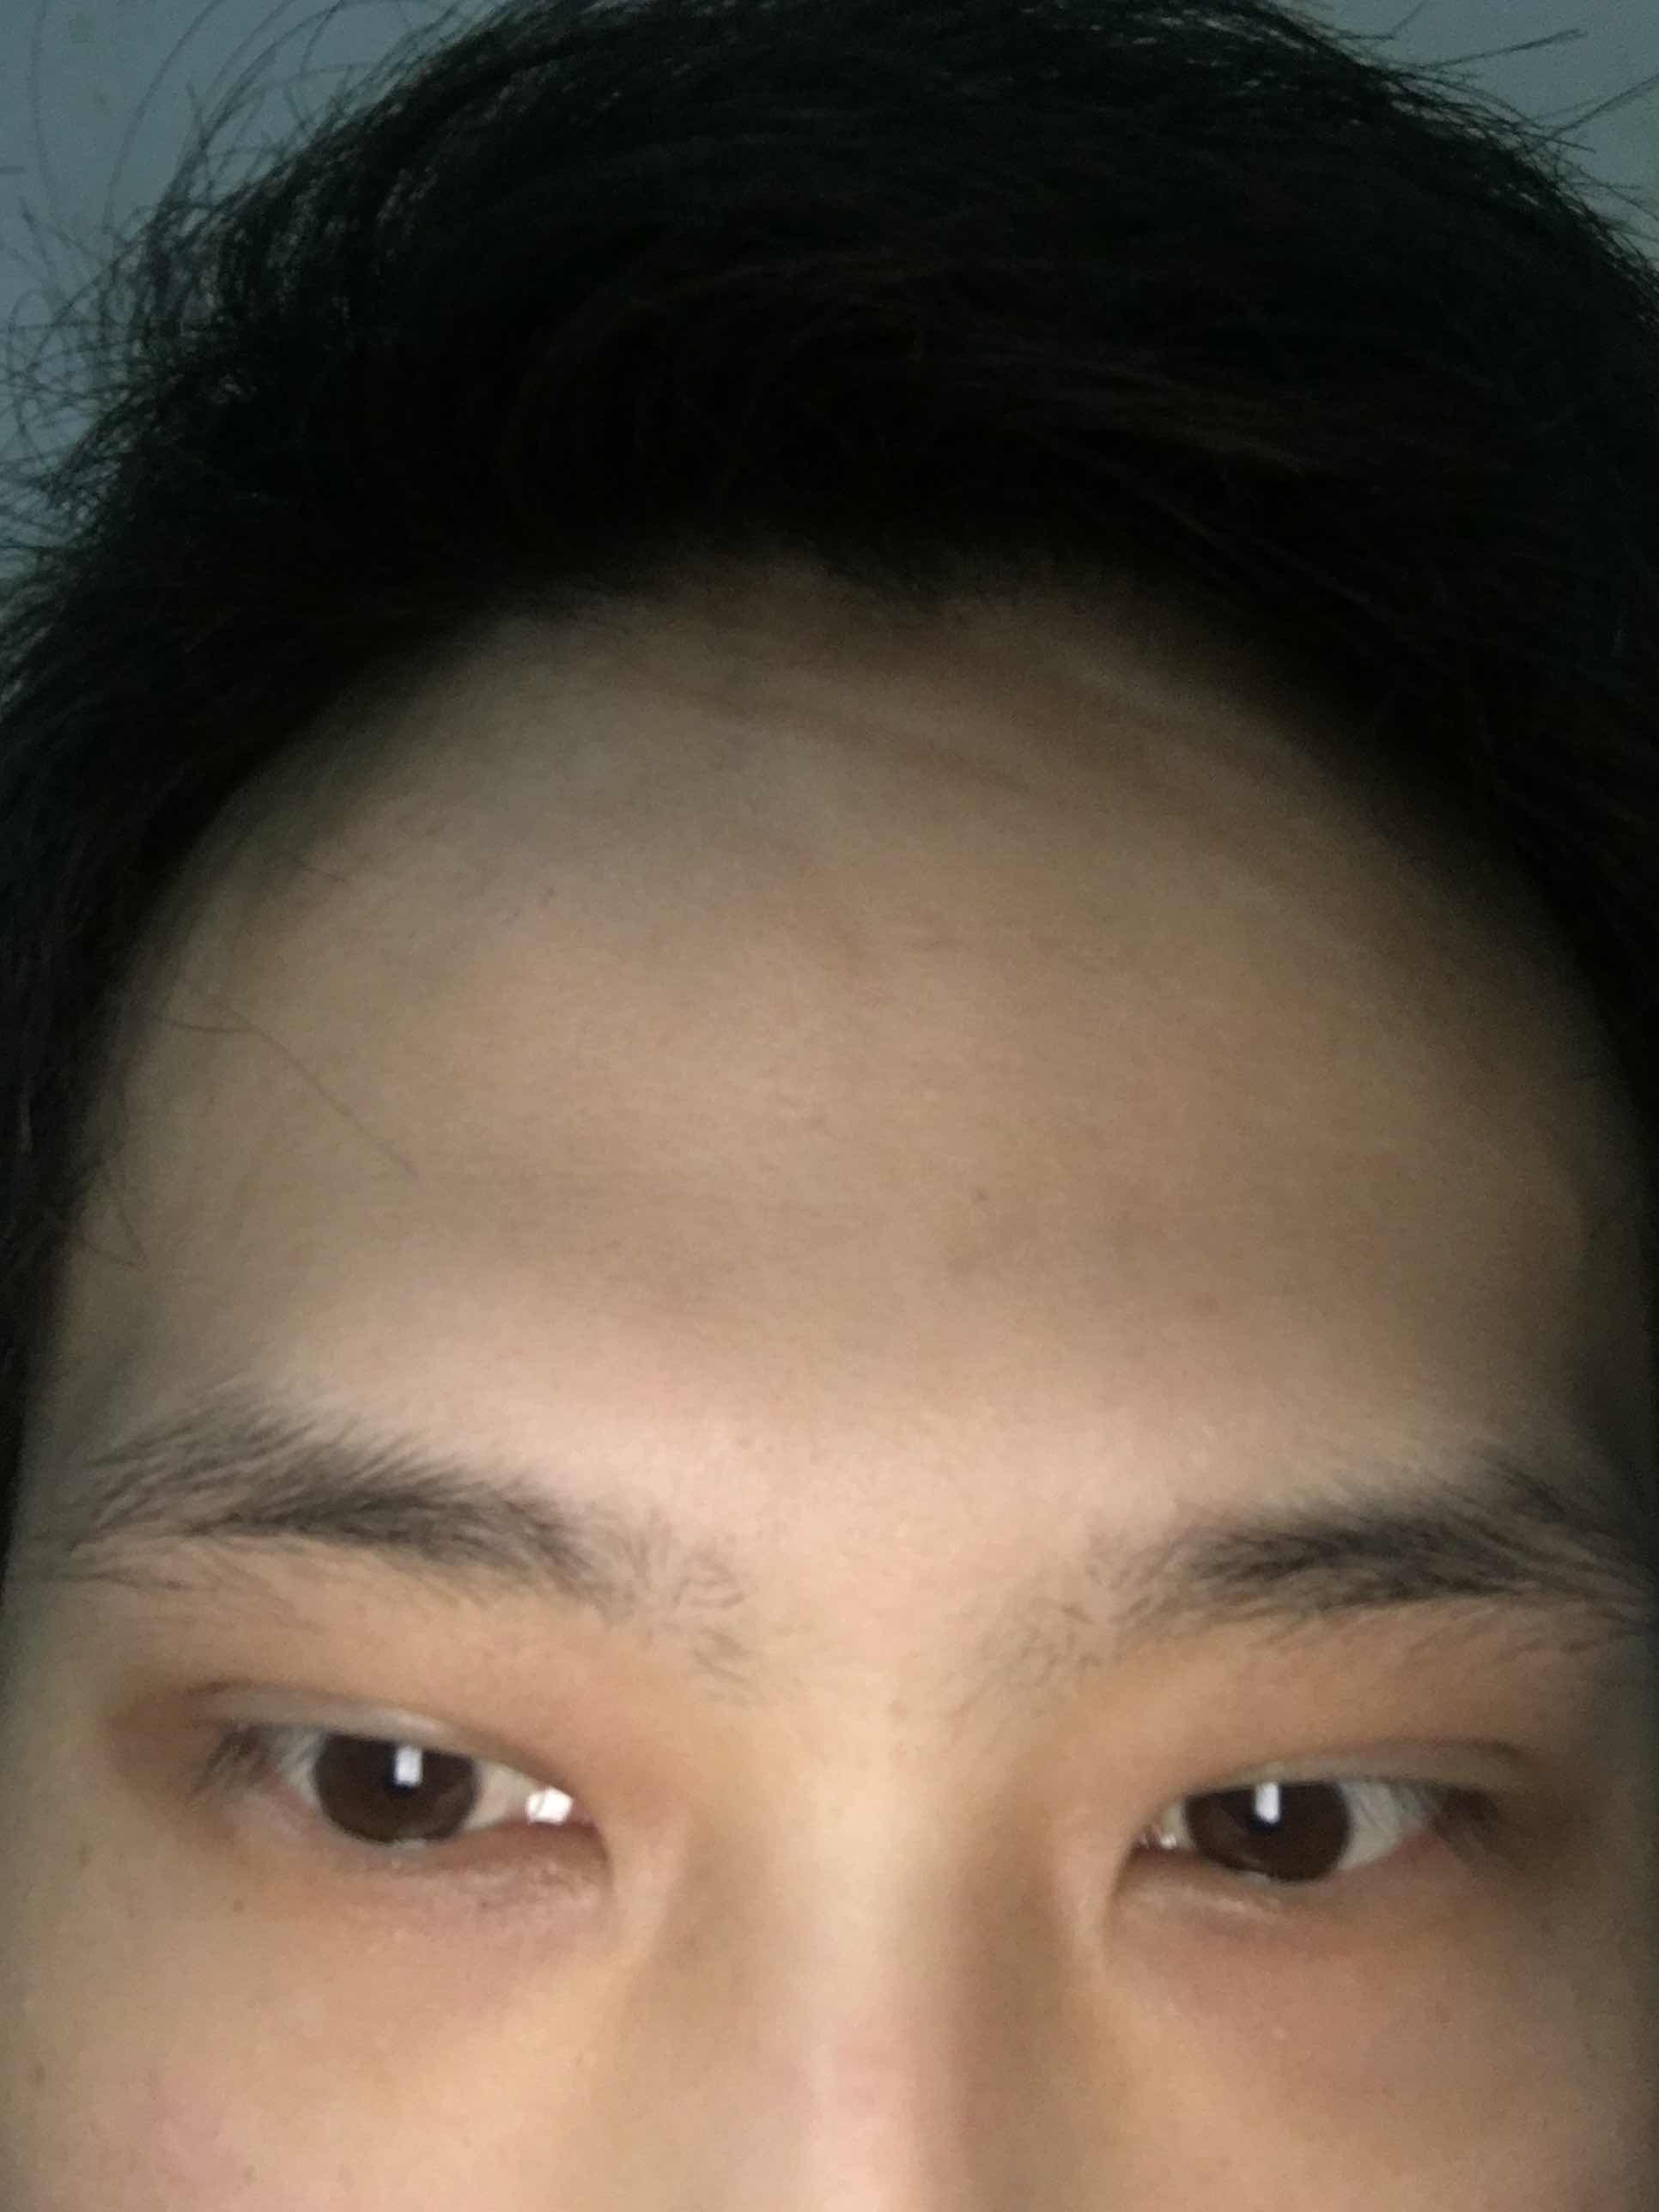 黑眼圈应该怎么去除啊?